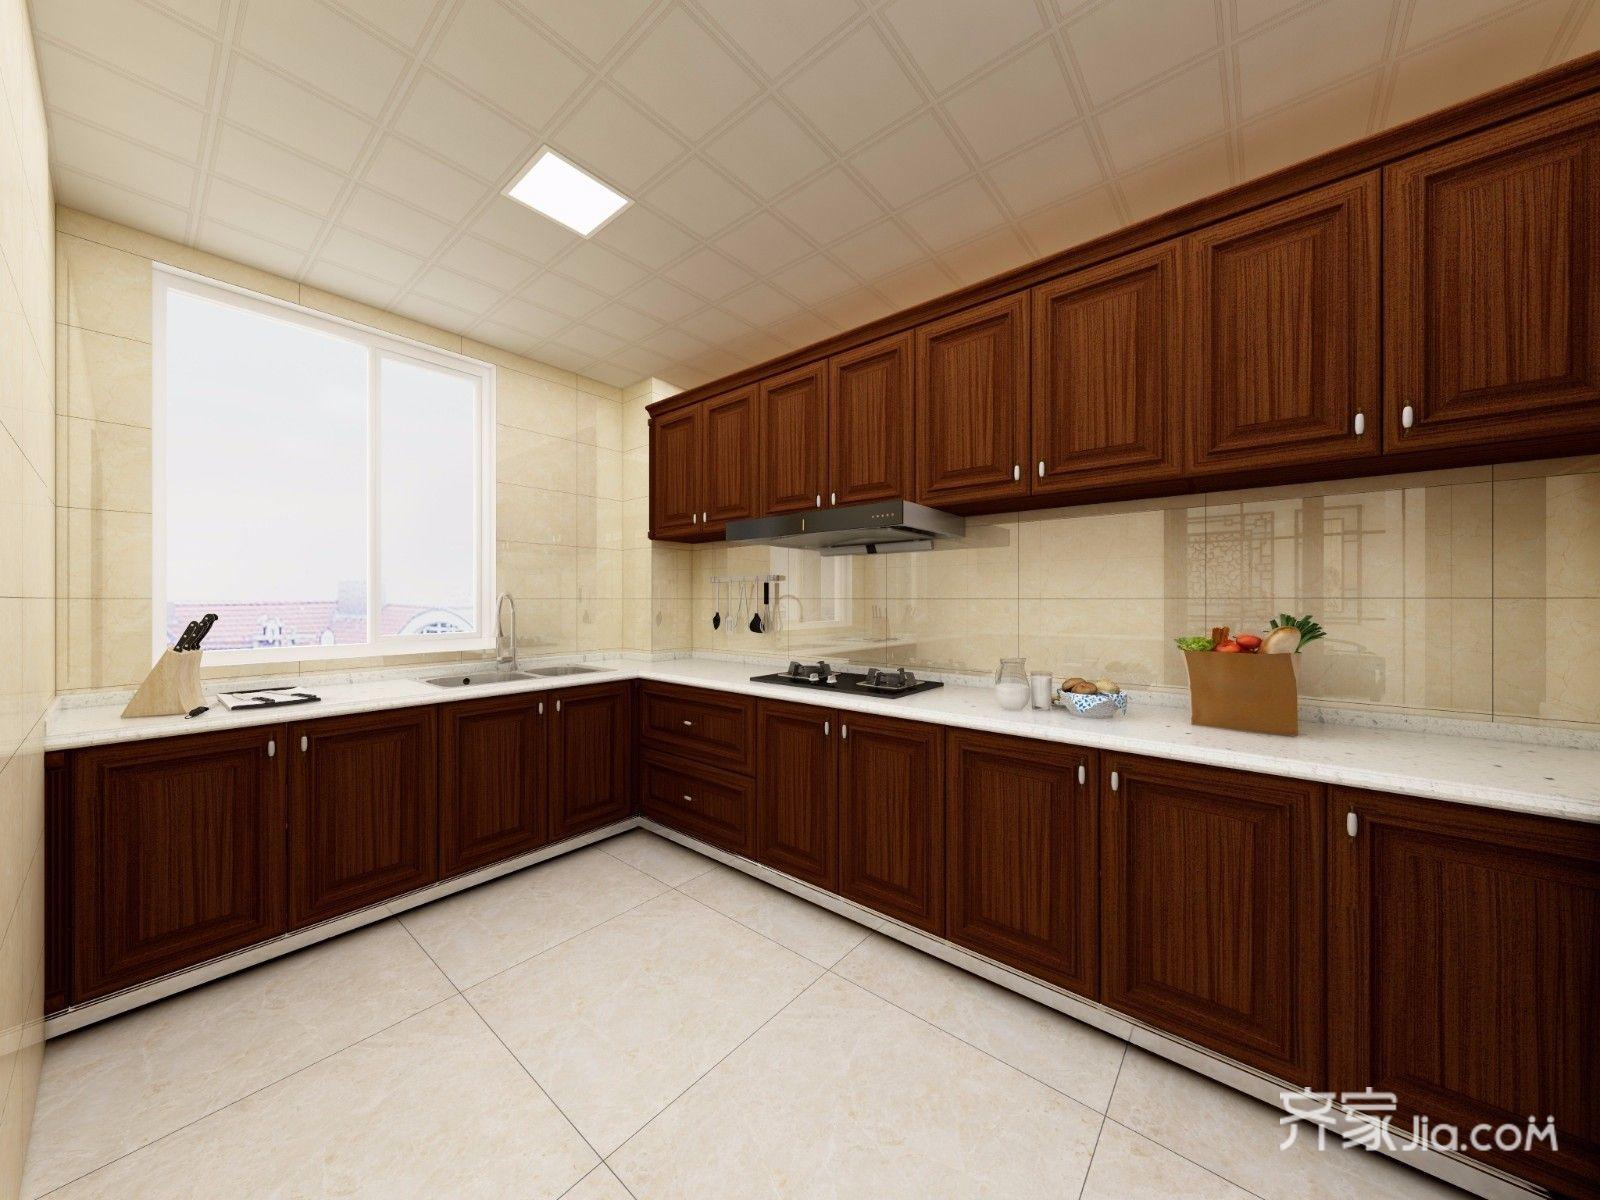 167平新中式风格厨房装修效果图